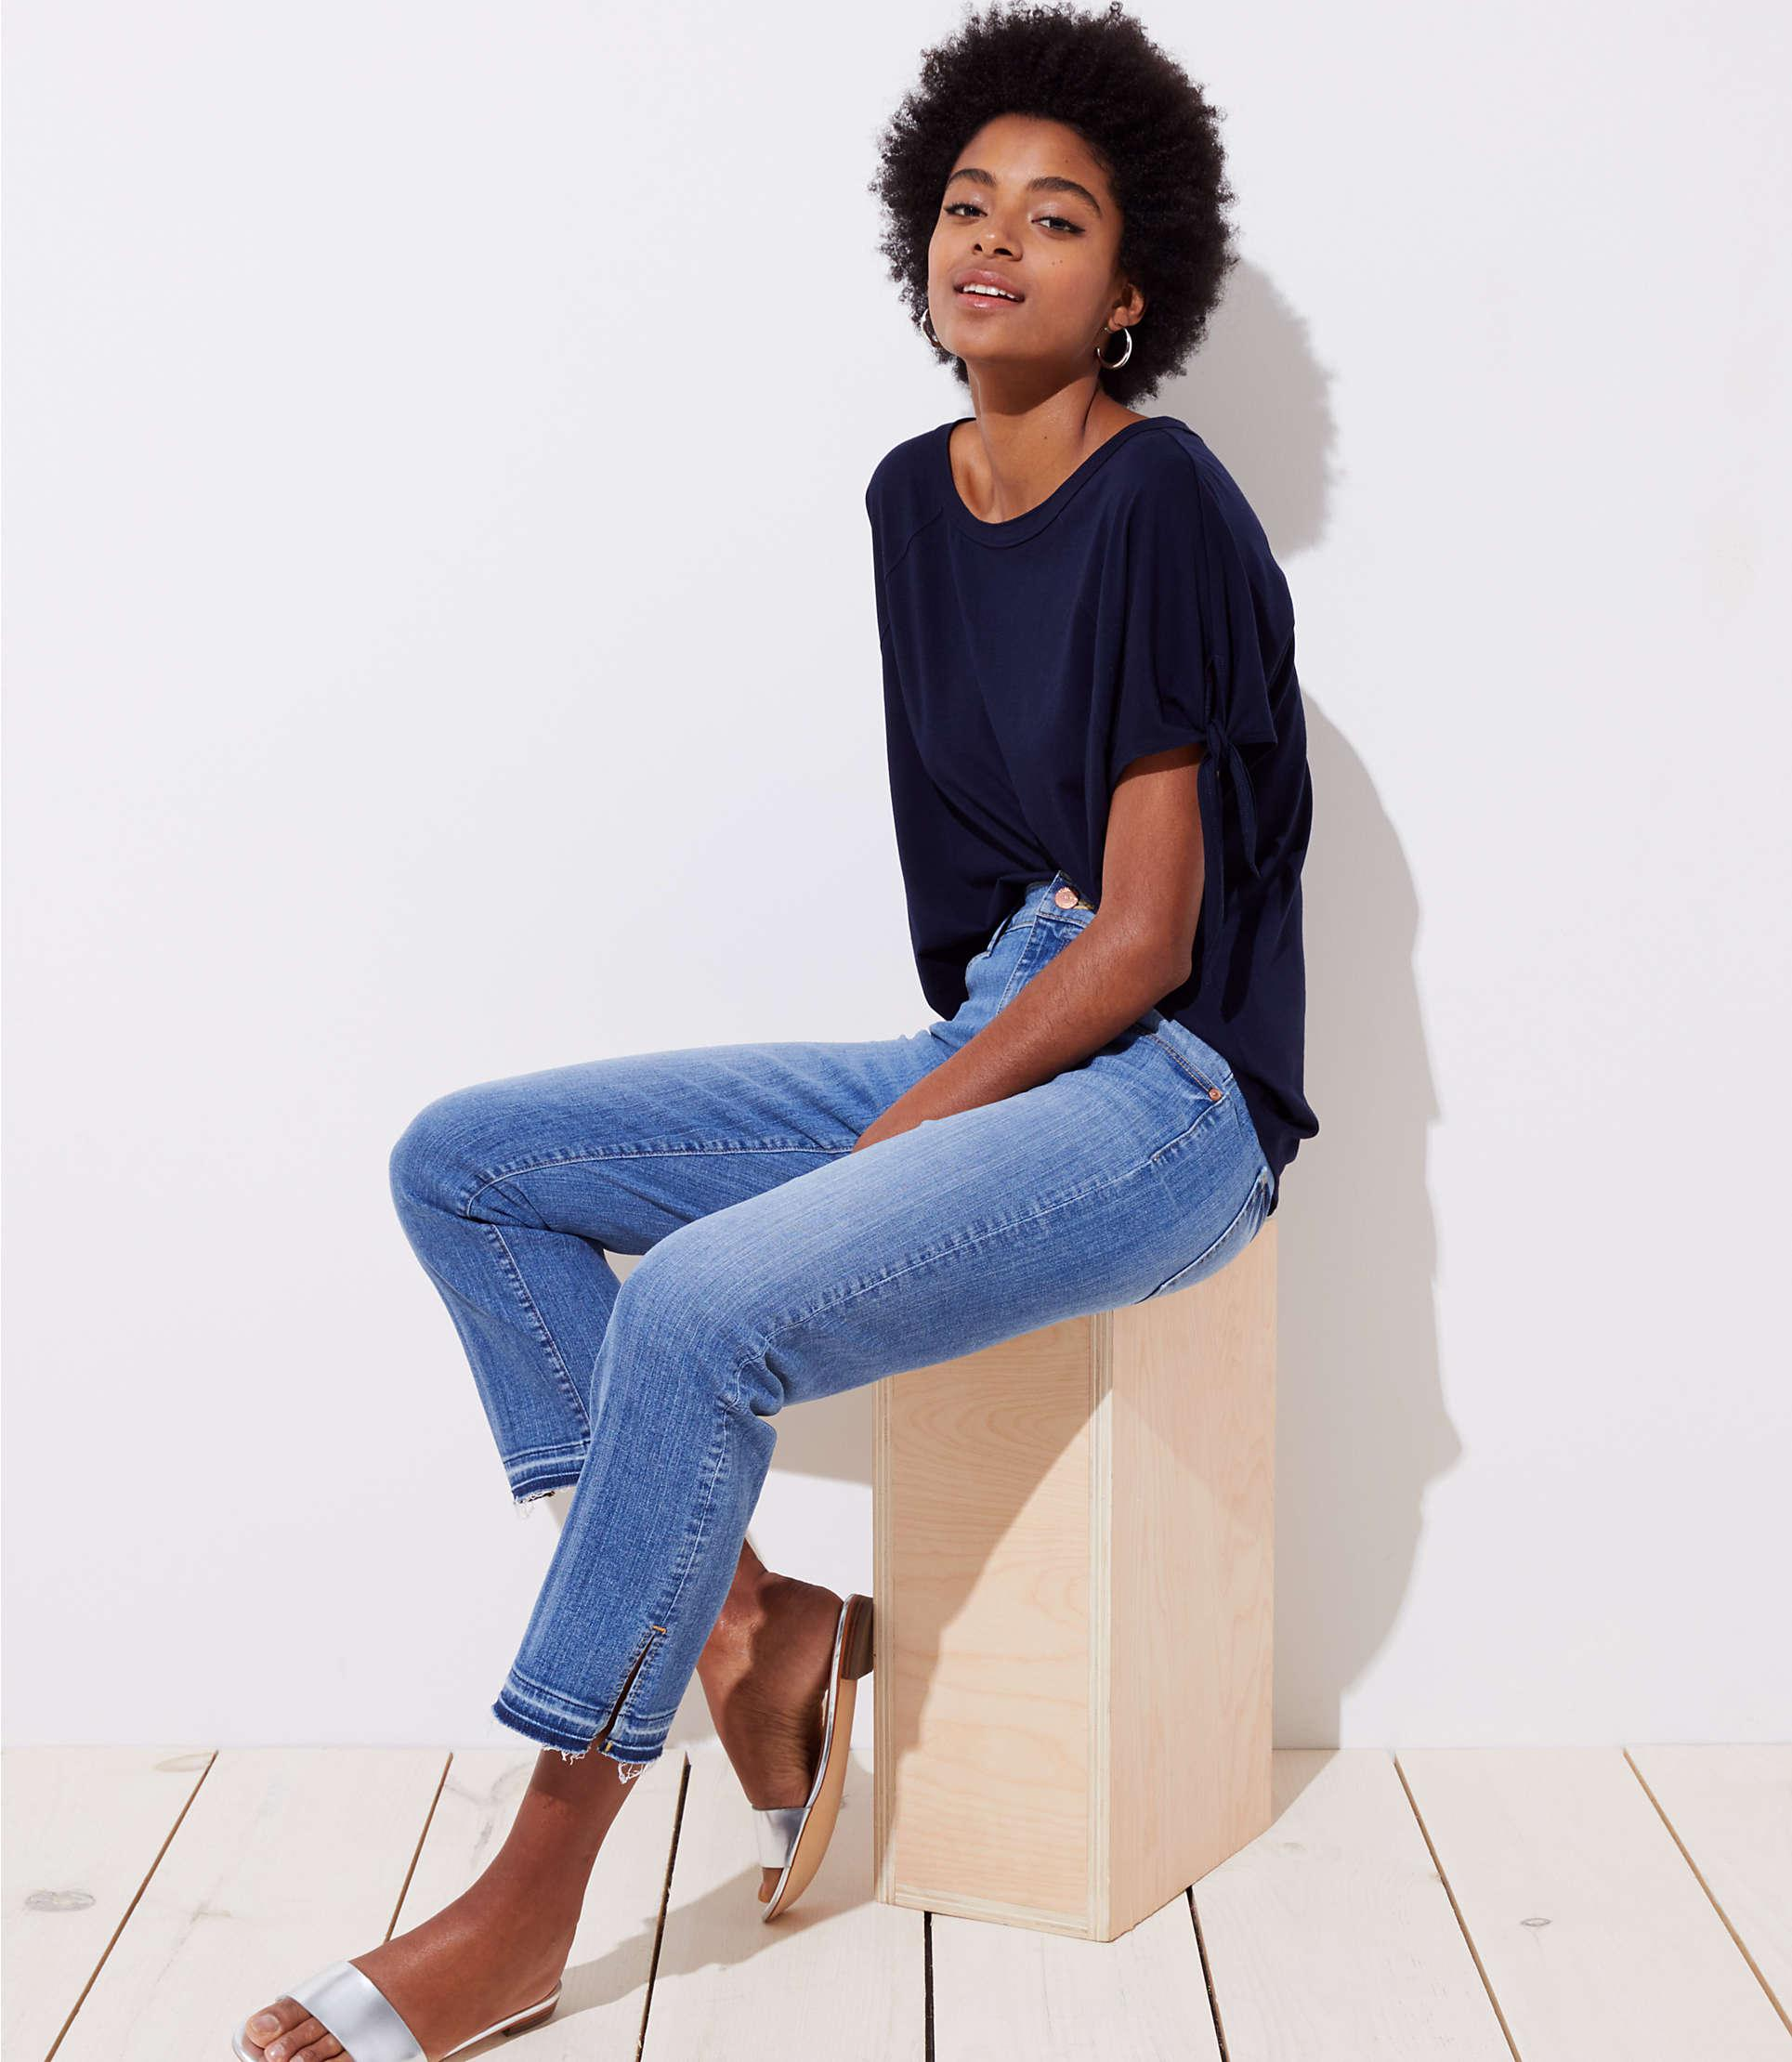 eeabe16c95dc6 Loft The Crop Slit Cuff Jeans In Mid Staple Indigo Wash in Blue - Lyst